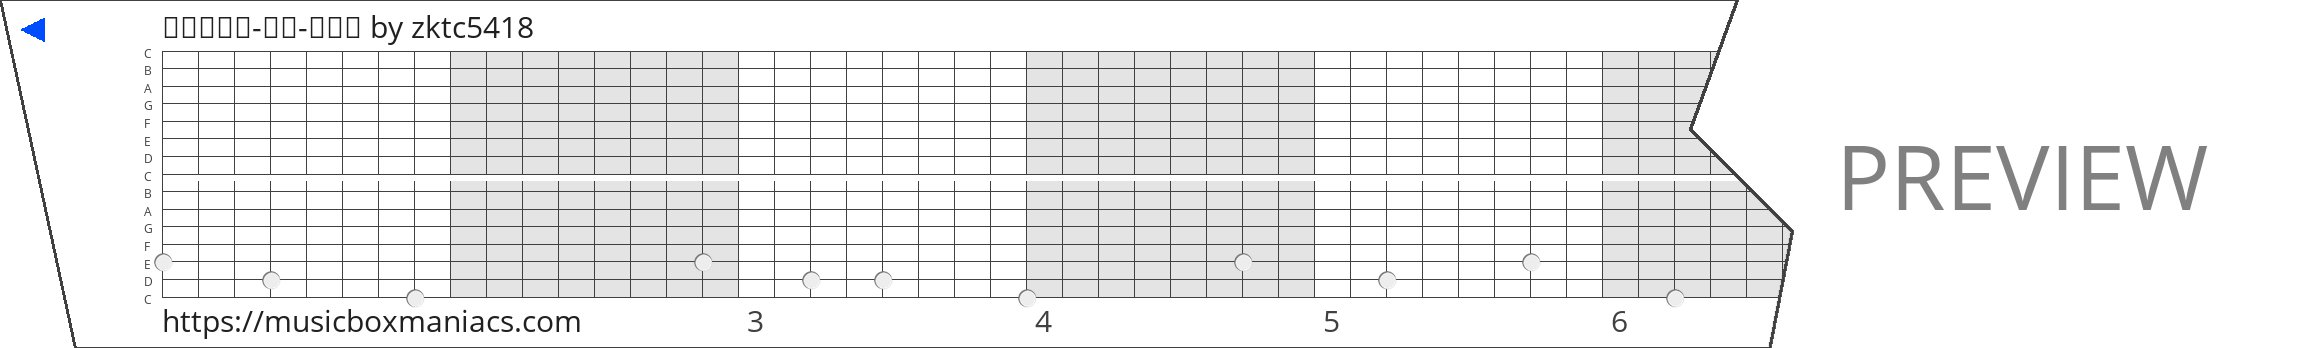 老鼠爱大米-网络-杨臣刚 15 note music box paper strip